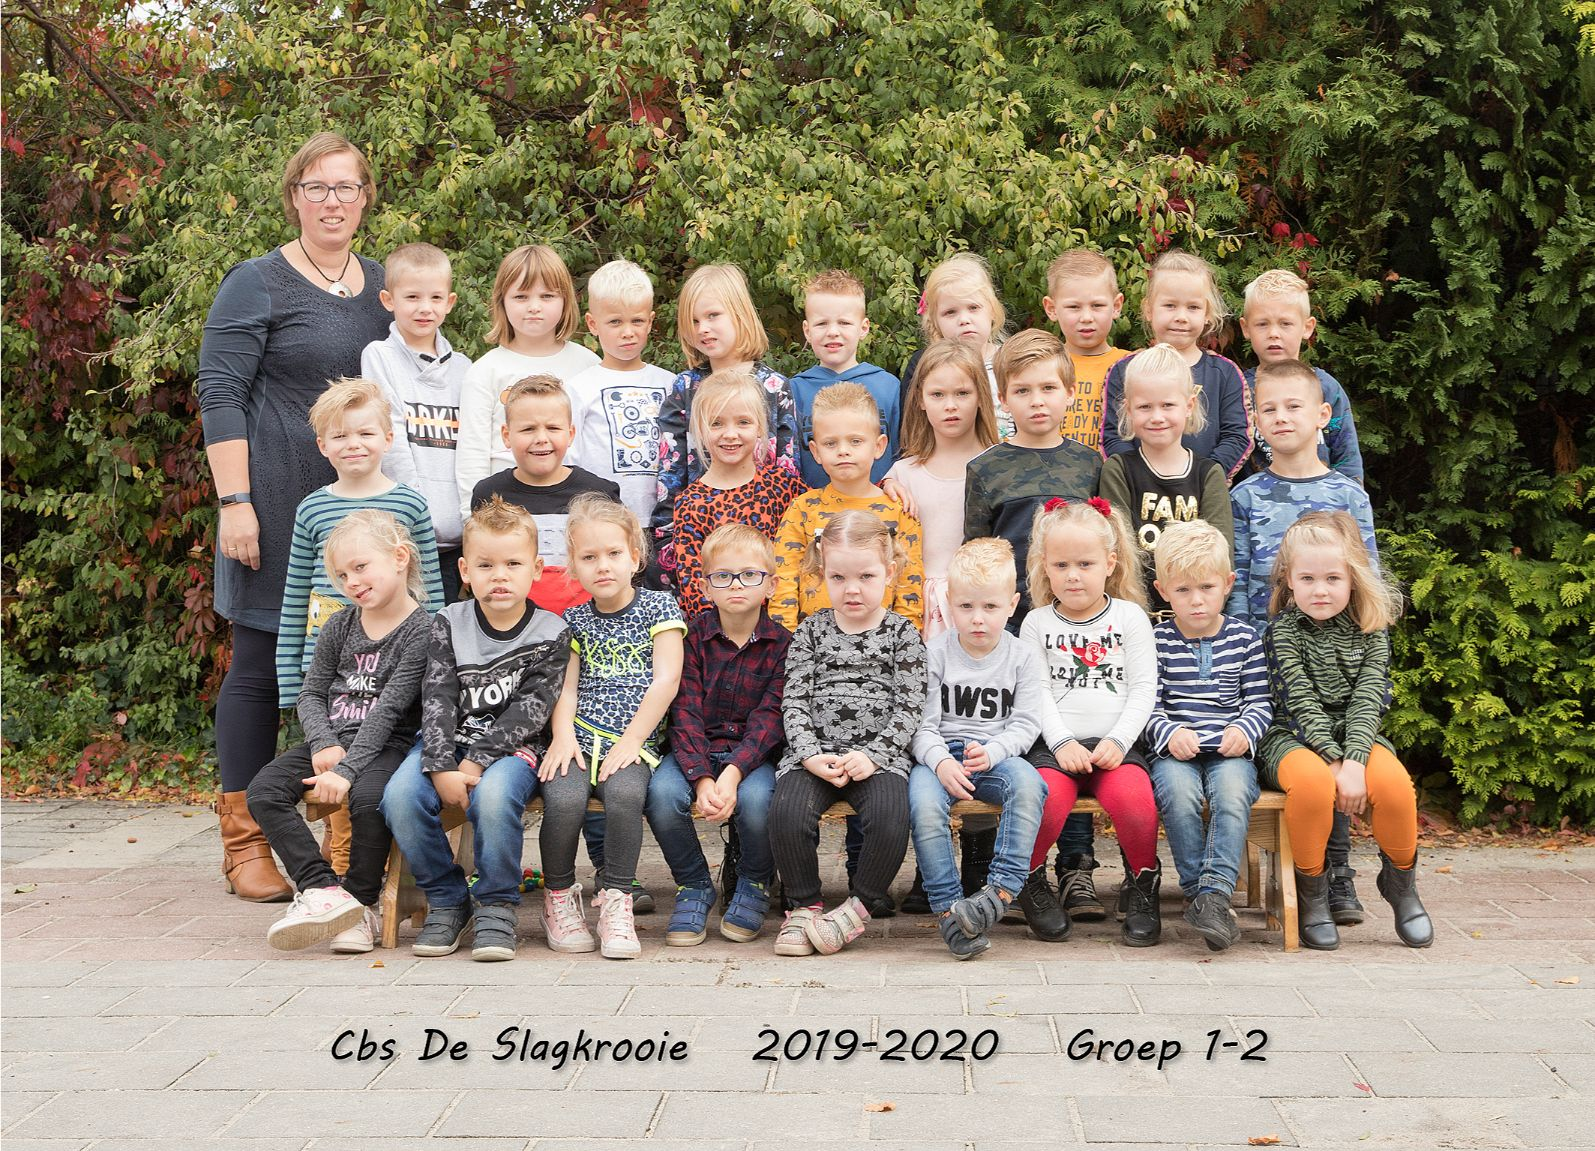 2019SlagGroep1-2.jpg